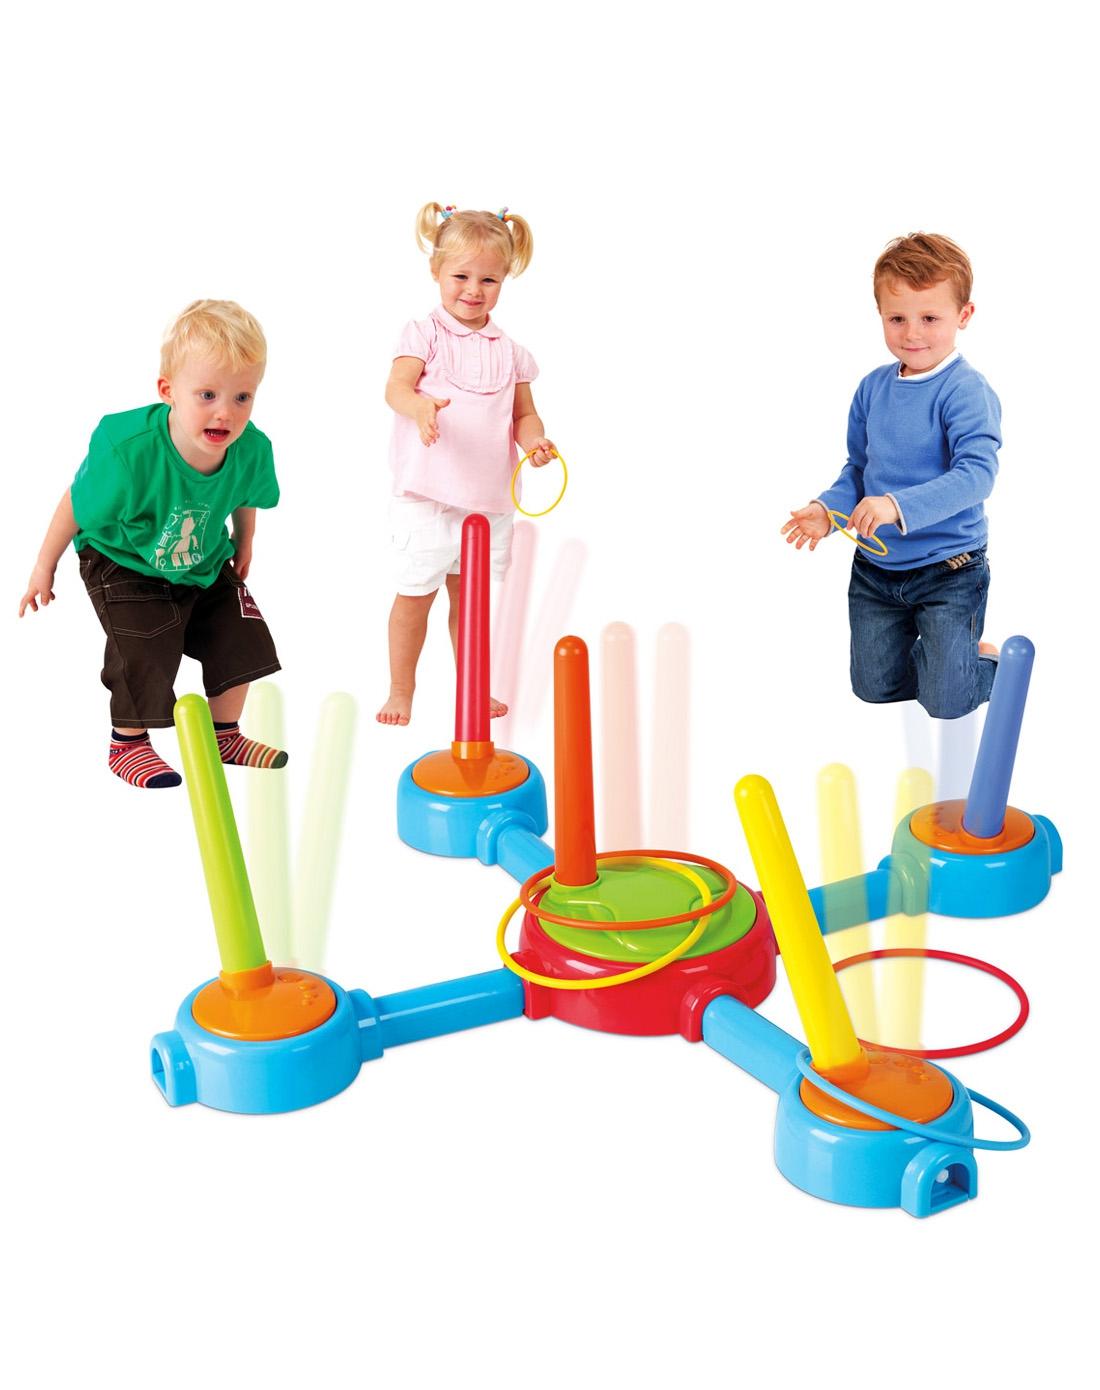 贝乐高儿童音乐套圈抛圈环游戏玩具